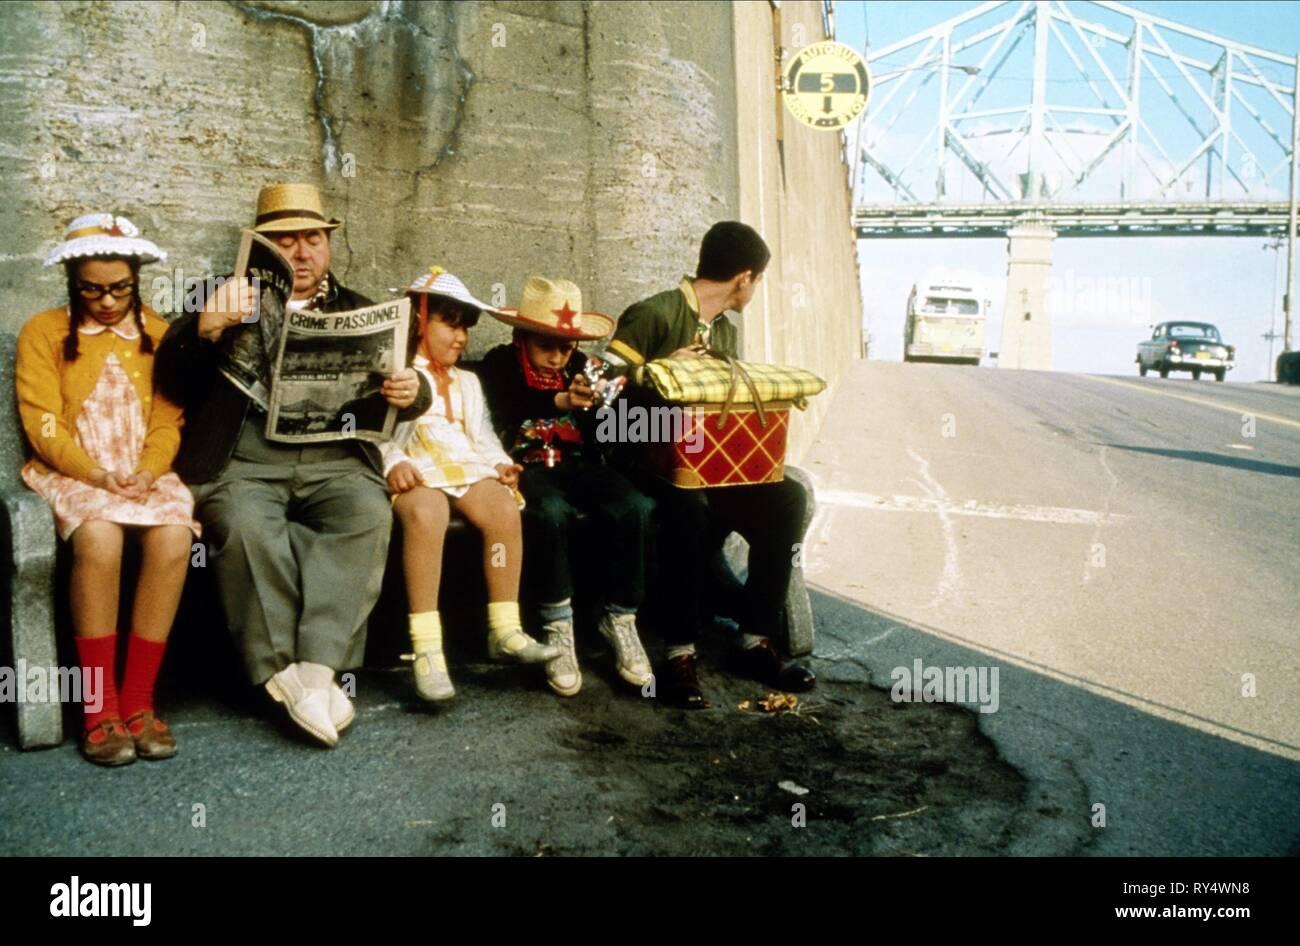 MOVIE SCENE, LEOLO, 1992 - Stock Image